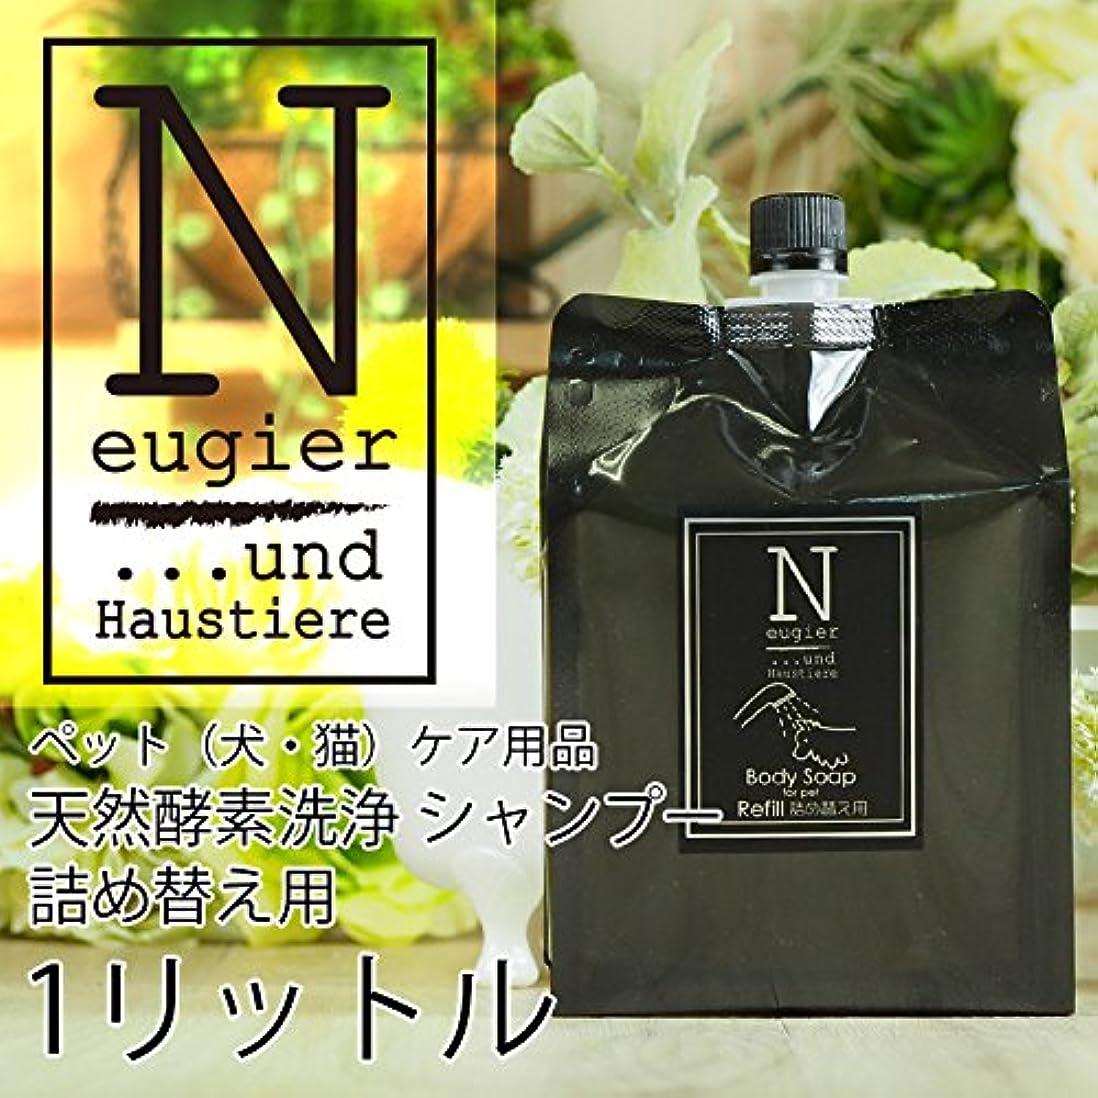 悲鳴縁ケイ素Neugier ケアシリーズ body Soap (ボディーソープ/ペットシャンプー) (1000)